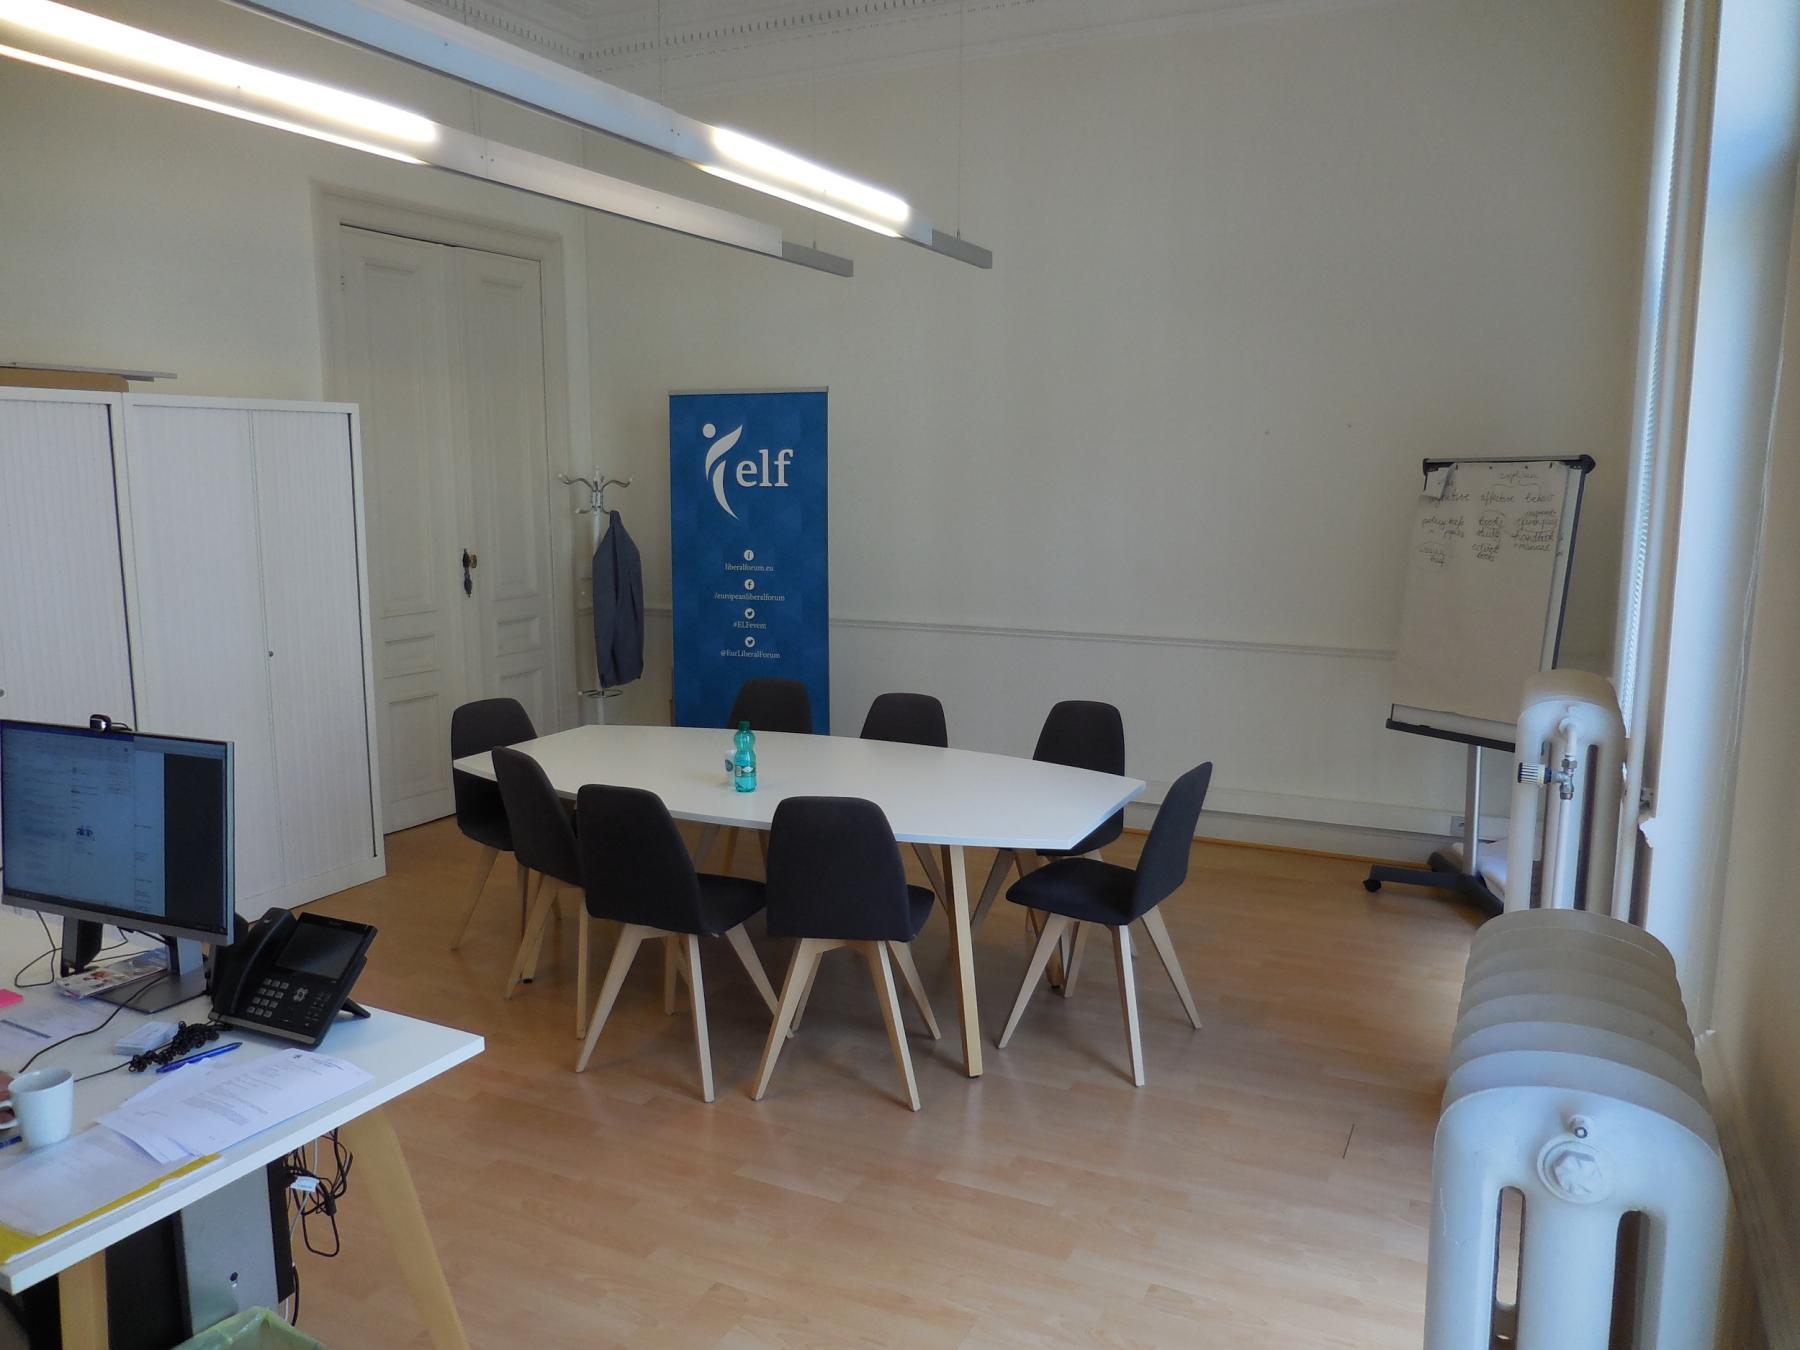 Rent office space Rue des Deux Eglises 37-39 37-39, Brussel (11)